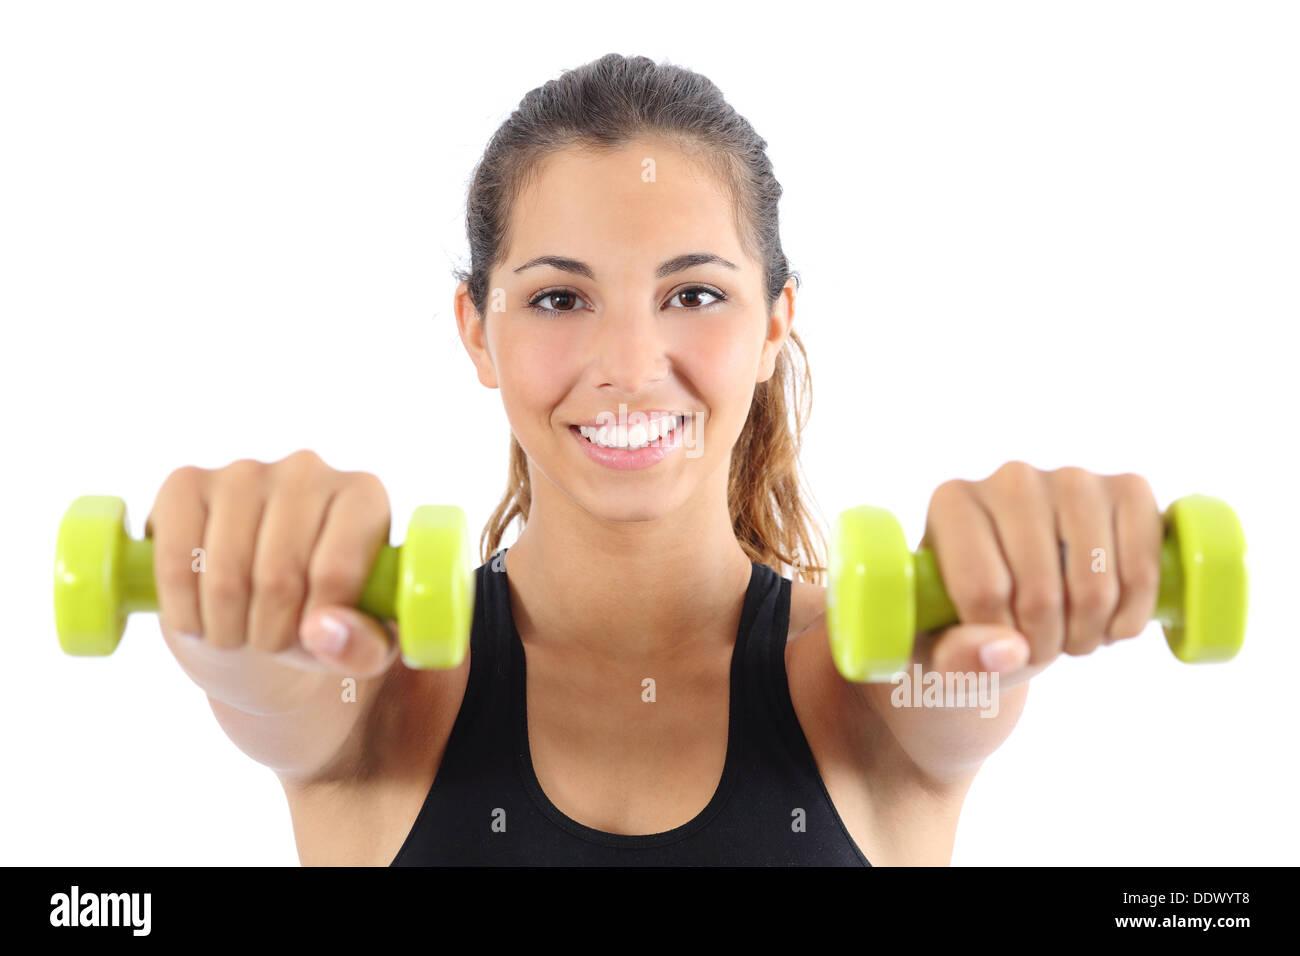 Vue de face d'une belle grande sportive pratiquer avec haltères aérobiques isolé sur fond blanc Photo Stock